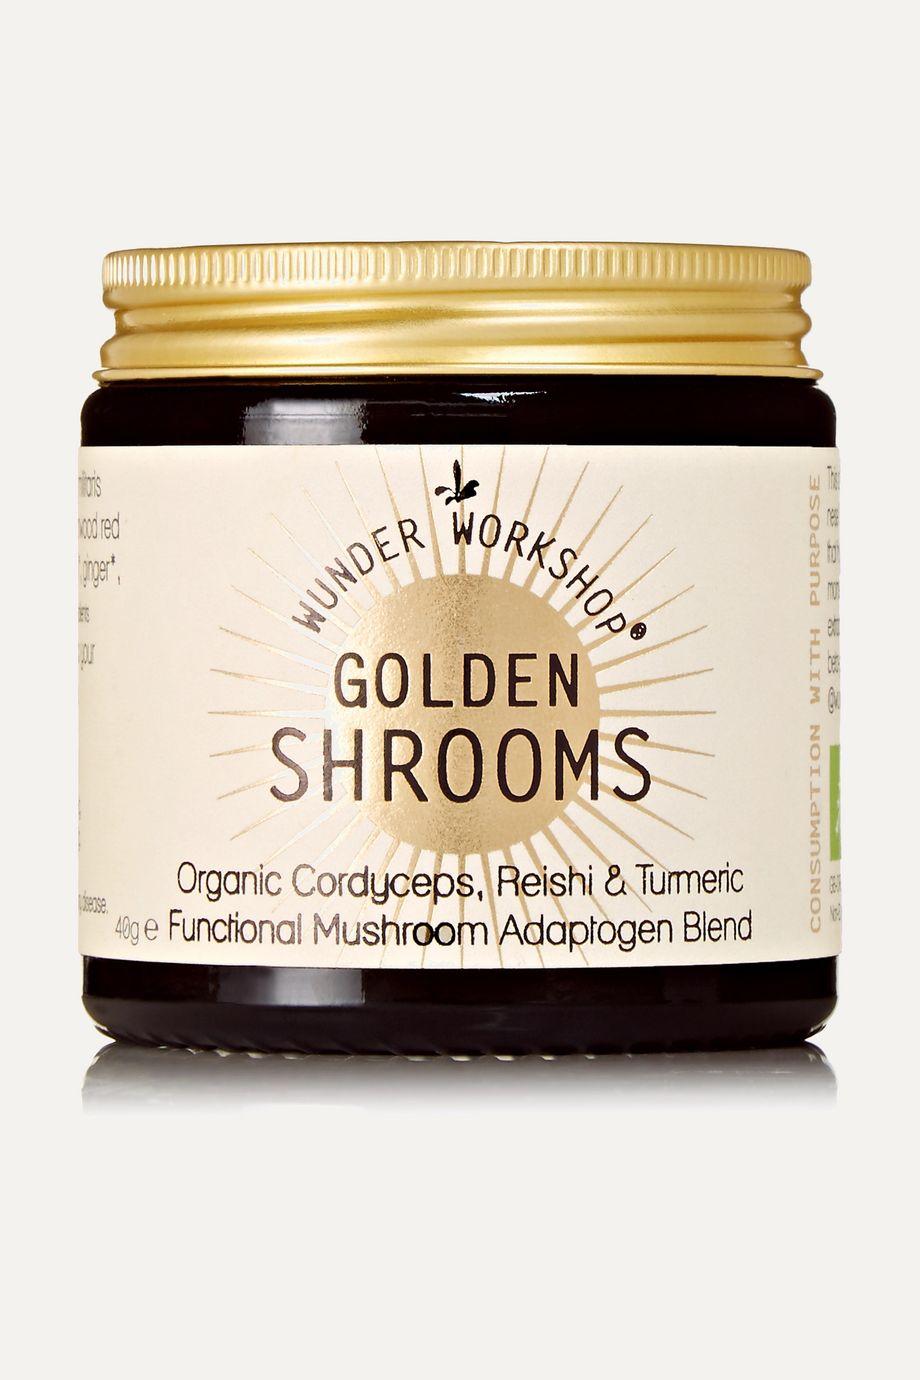 Wunder Workshop Golden Shrooms Supplement, 40g